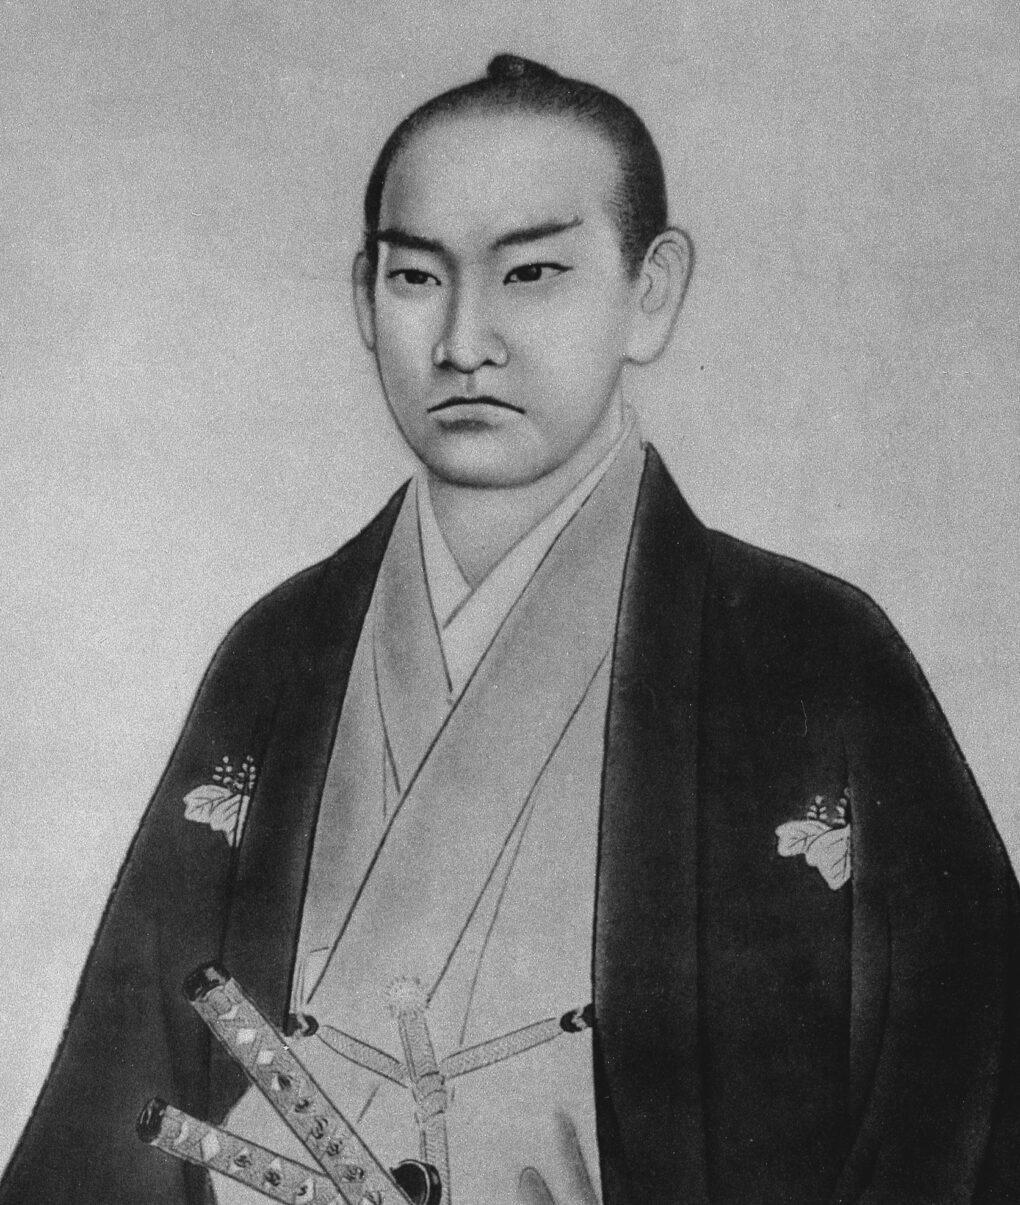 橋本左内の啓発録とは?26年の生涯と後に与えた影響や西郷隆盛との関係も